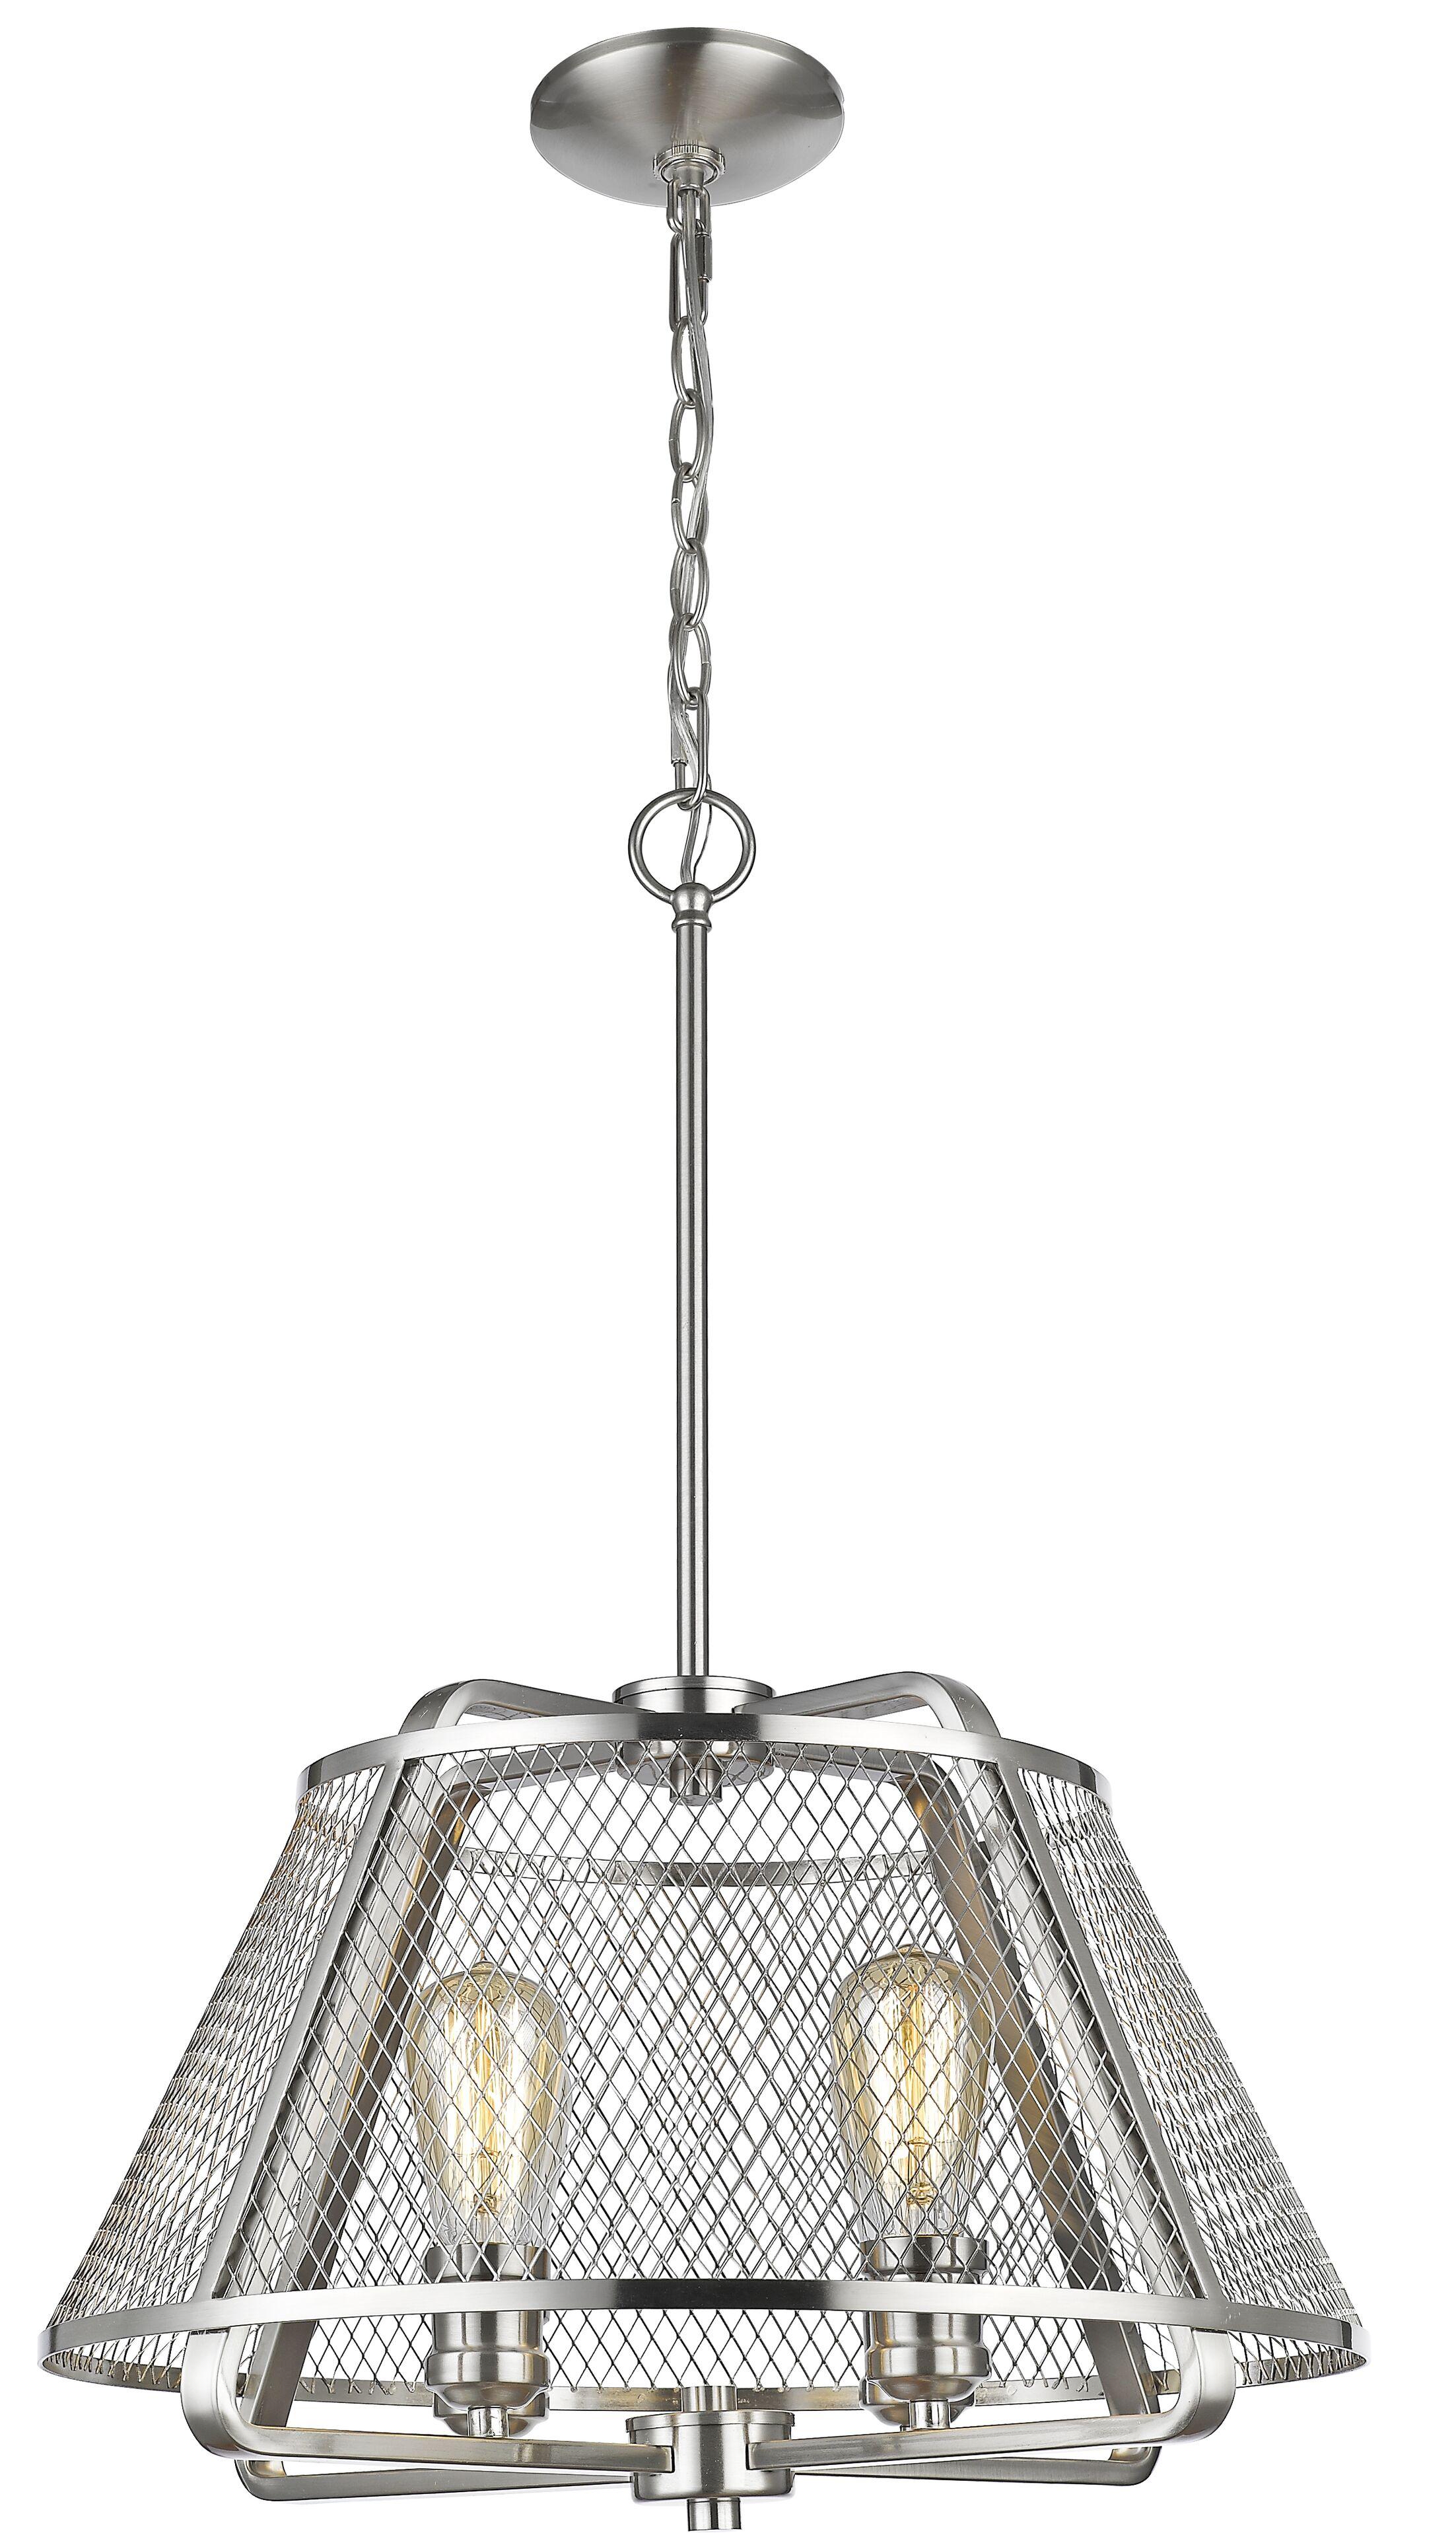 Valya 4-Light Cone Pendant Finish: Brushed Nickel